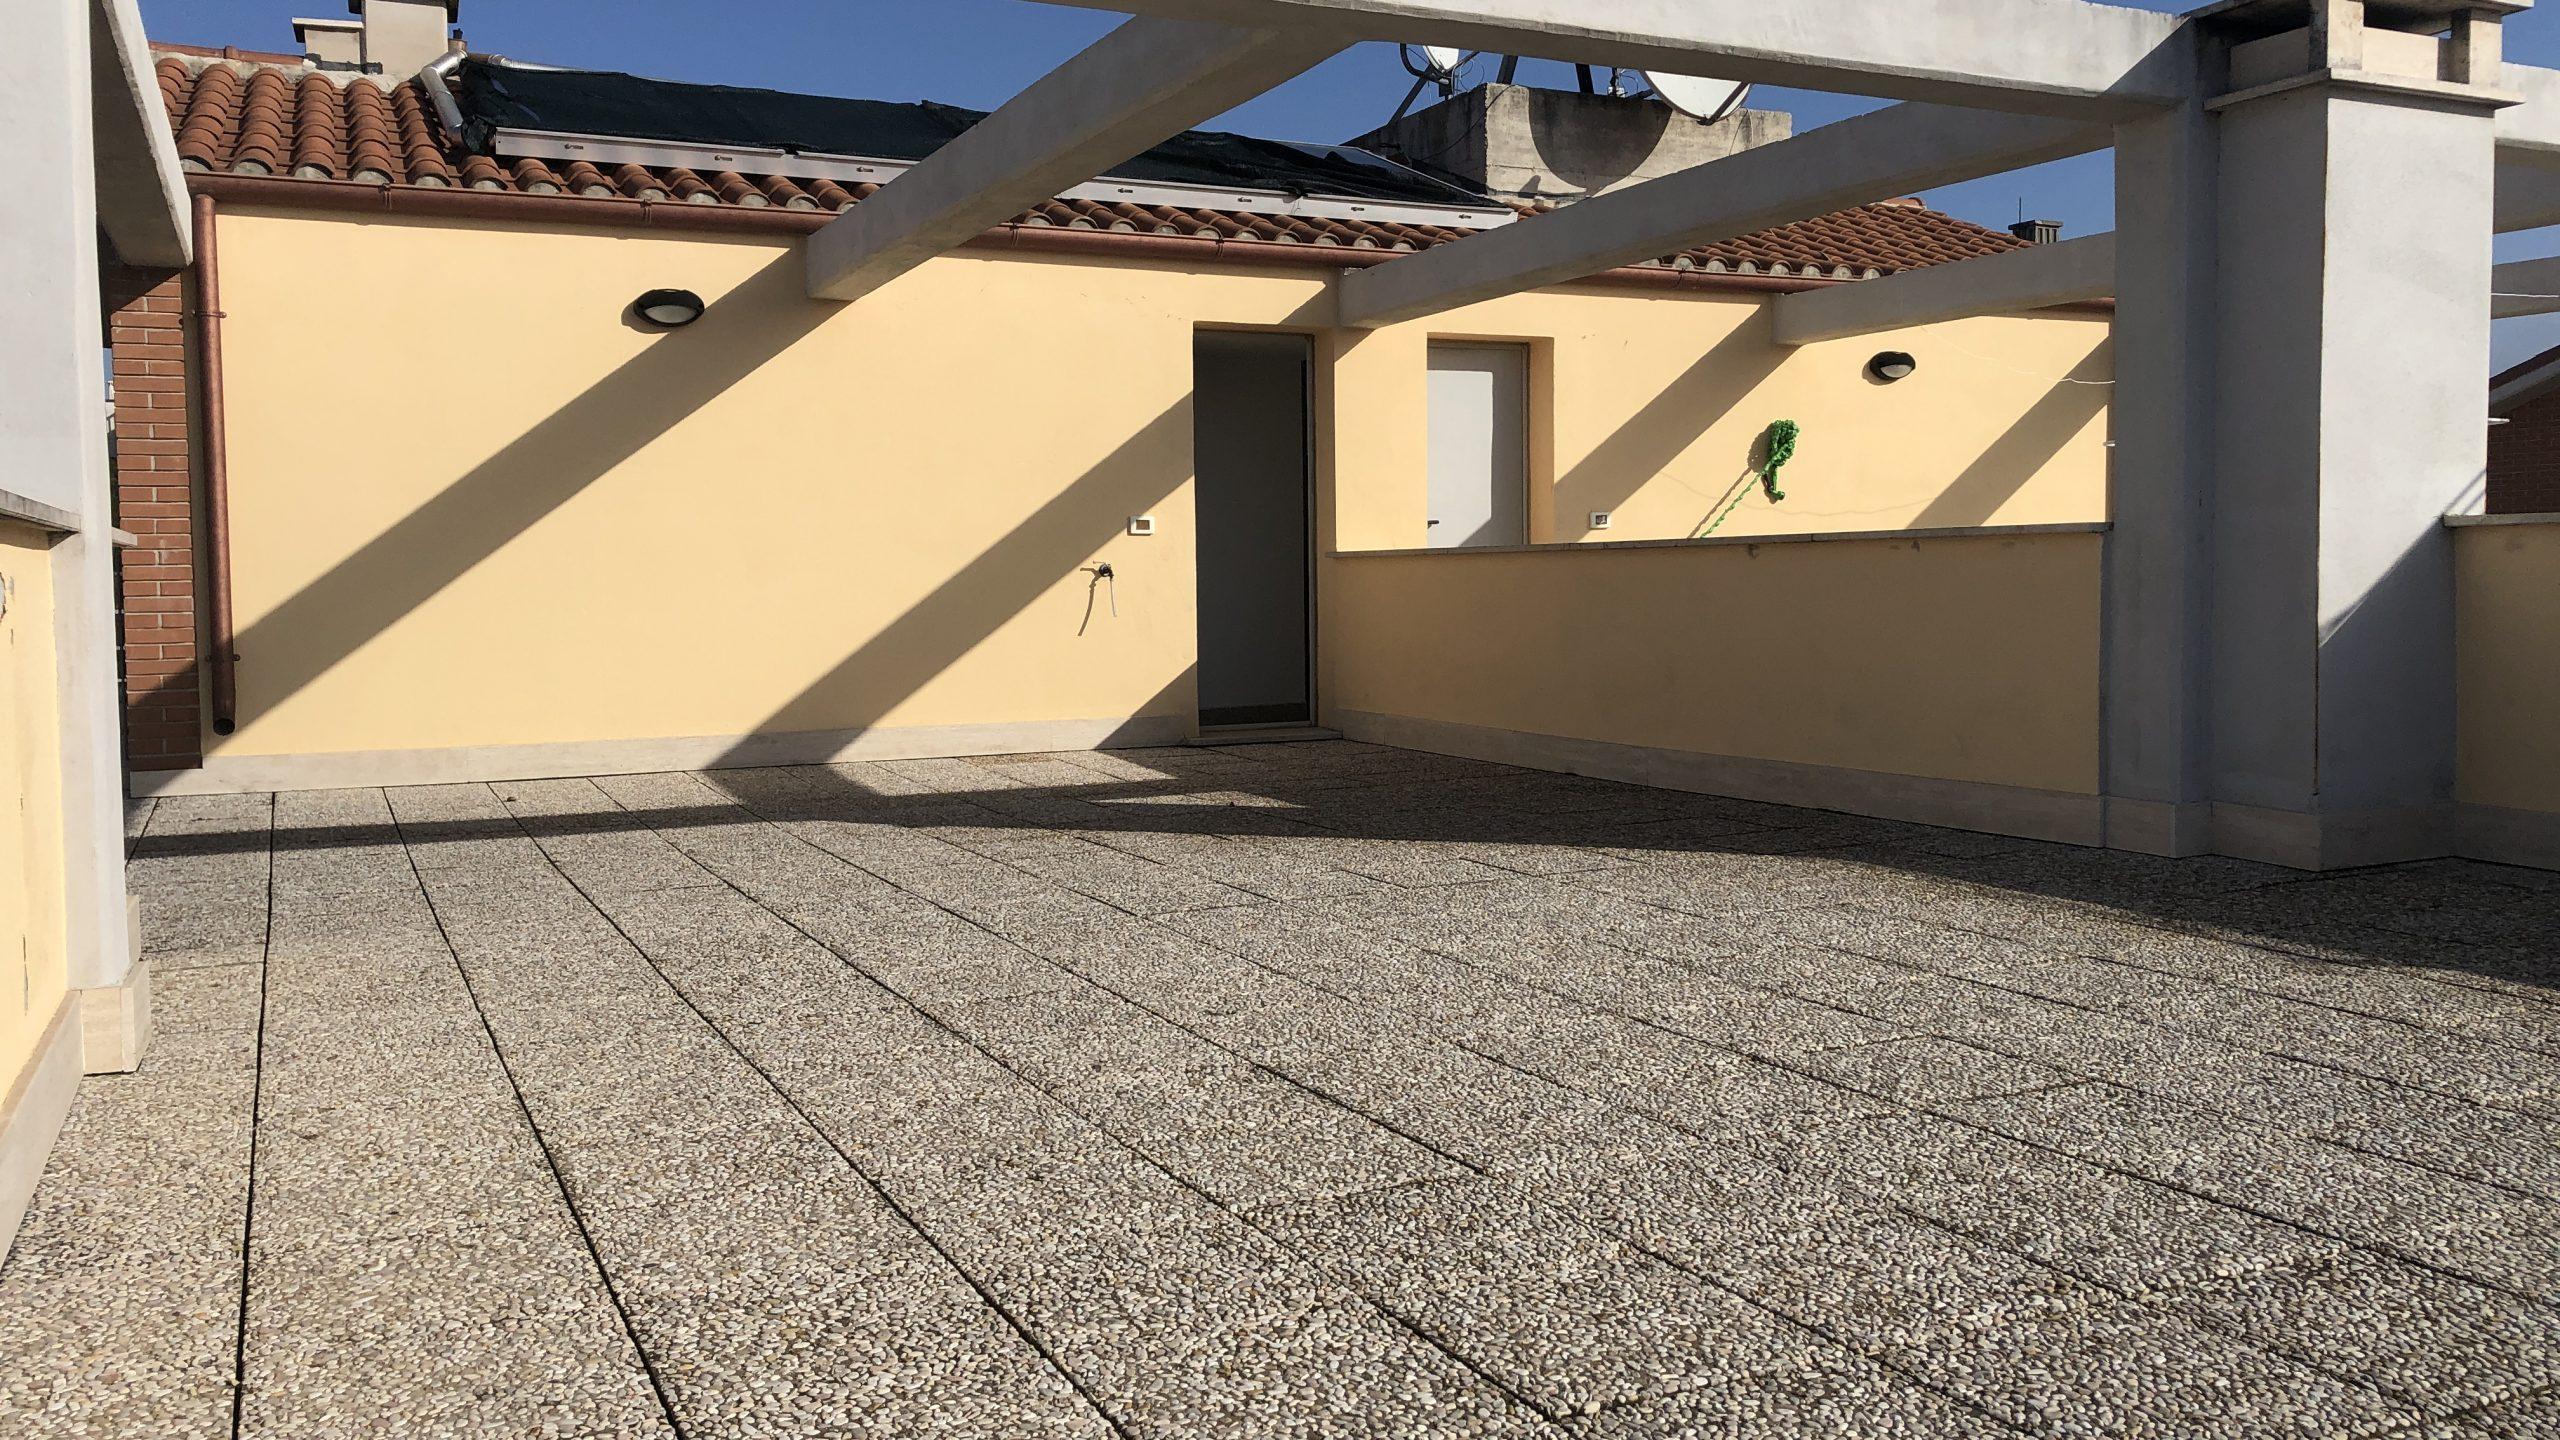 Pannelli Solari Termici Da Balcone pannelli solari termici: funzionamento e agevolazioni fiscali